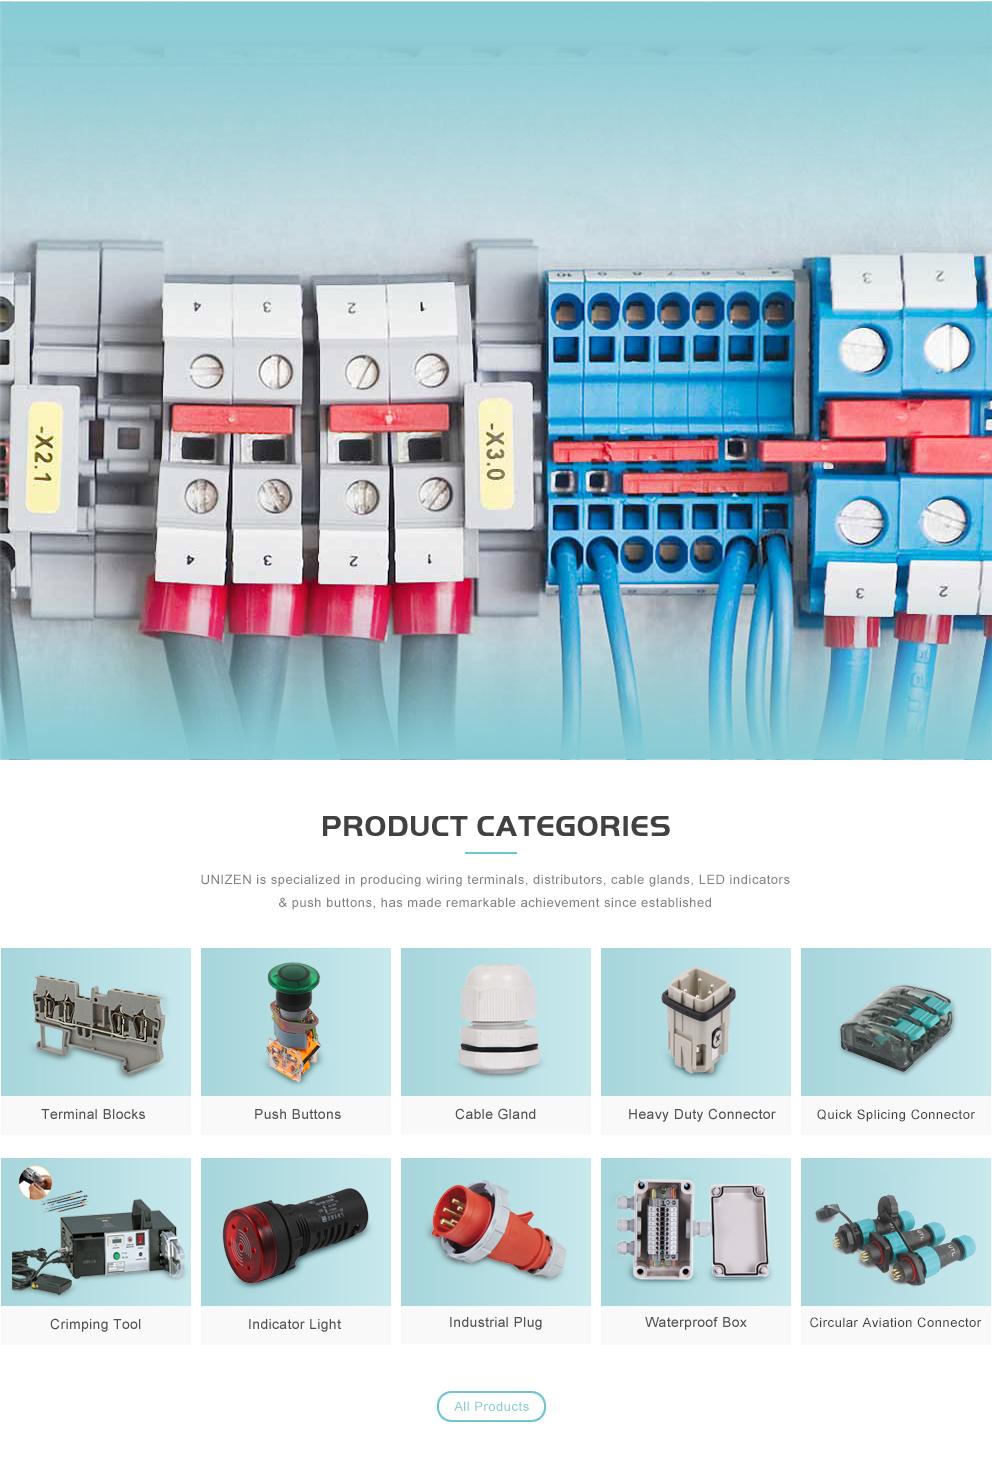 Unizen Electric (Shanghai) Co., Ltd. - Terminal Blocks,Cable Gland